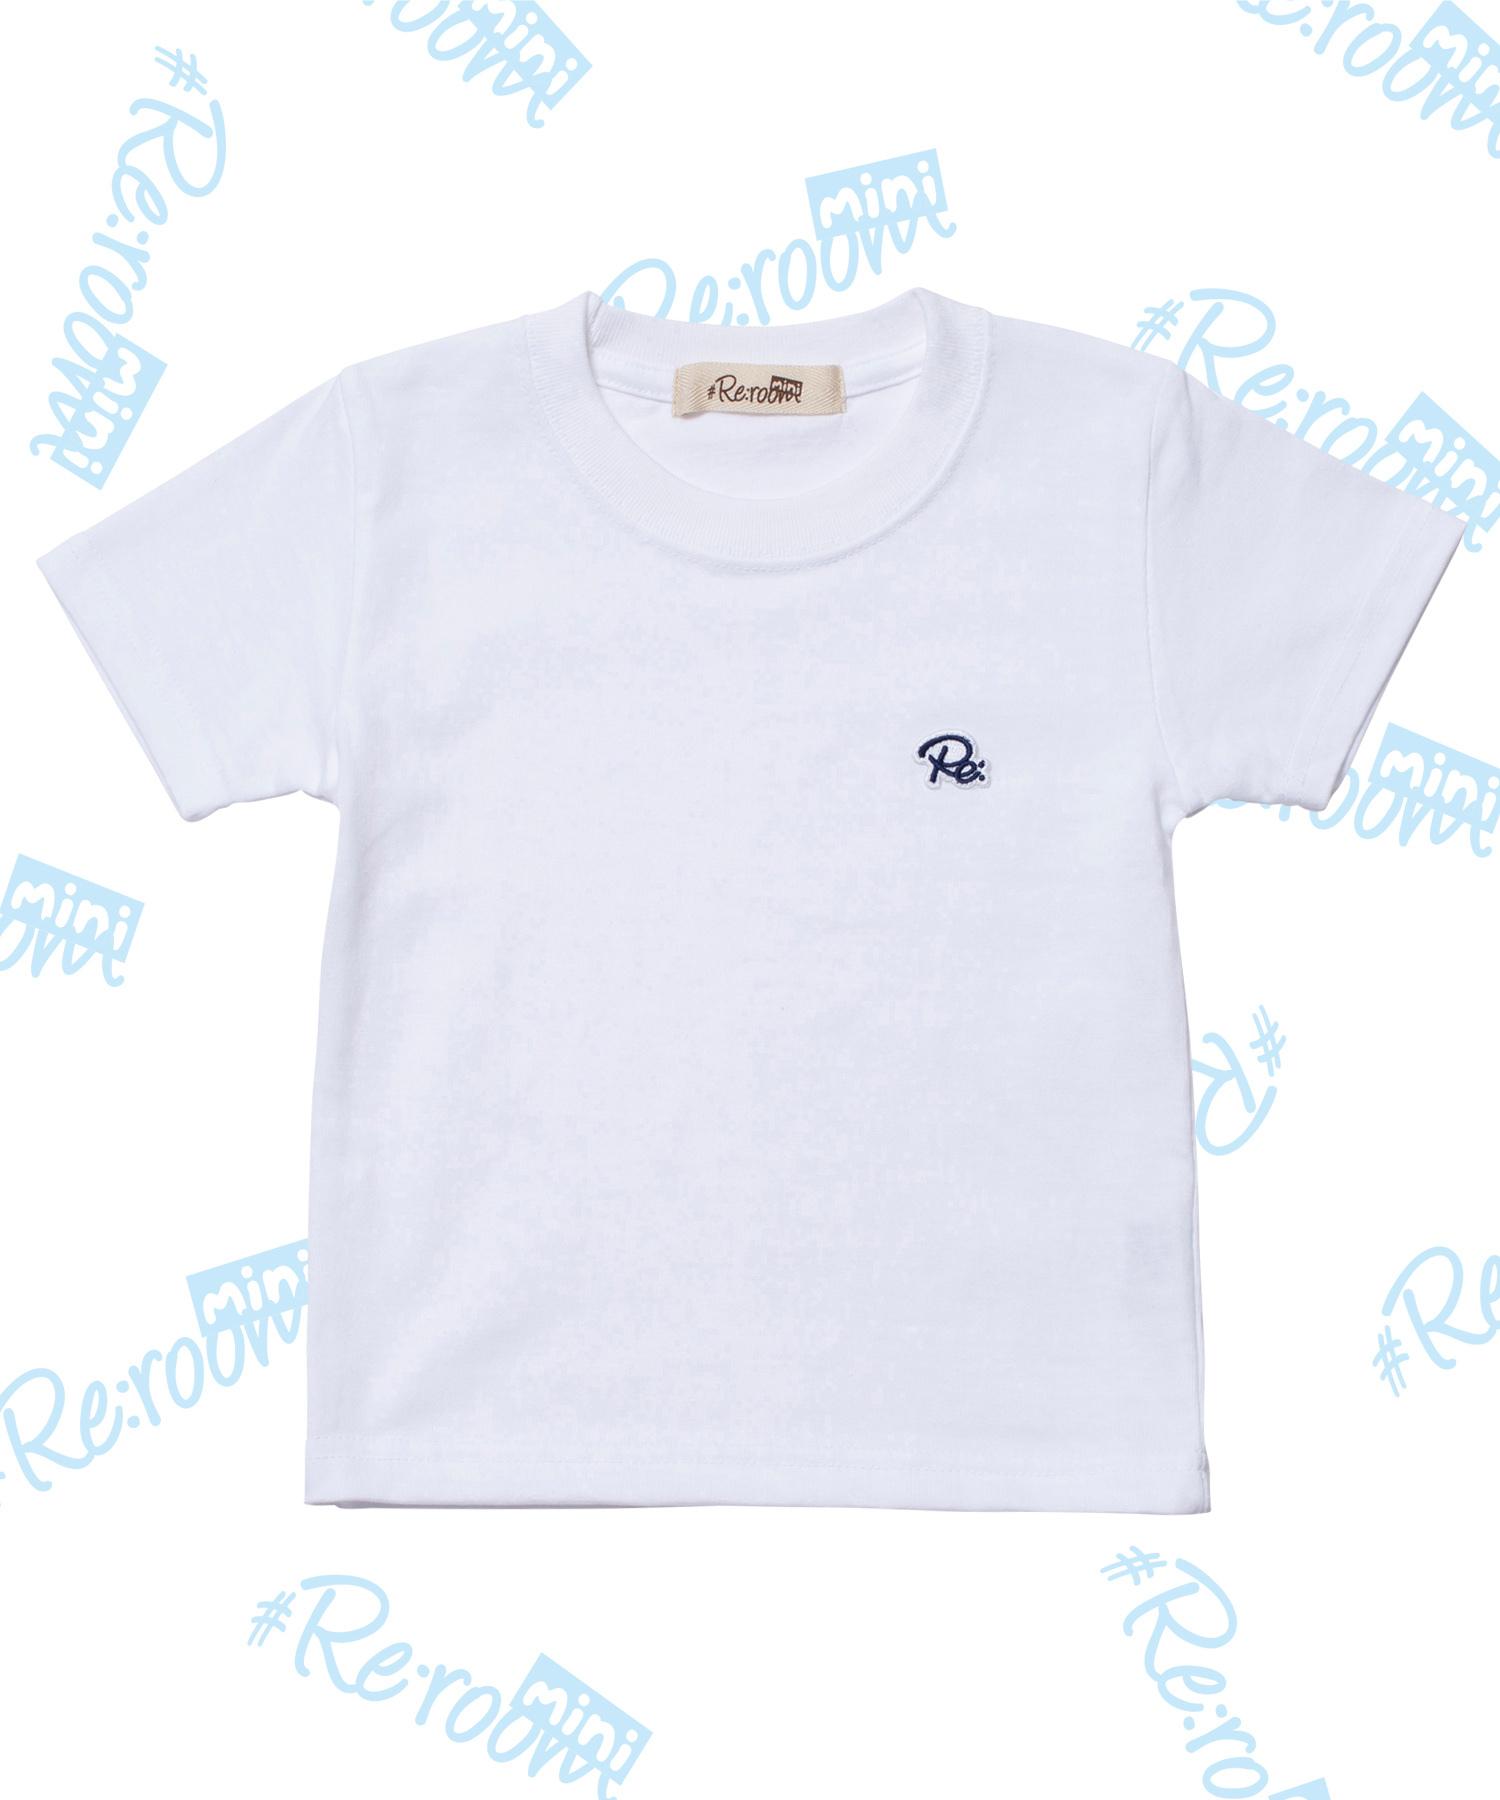 Re WAPPEN T-shirt[RKC001]